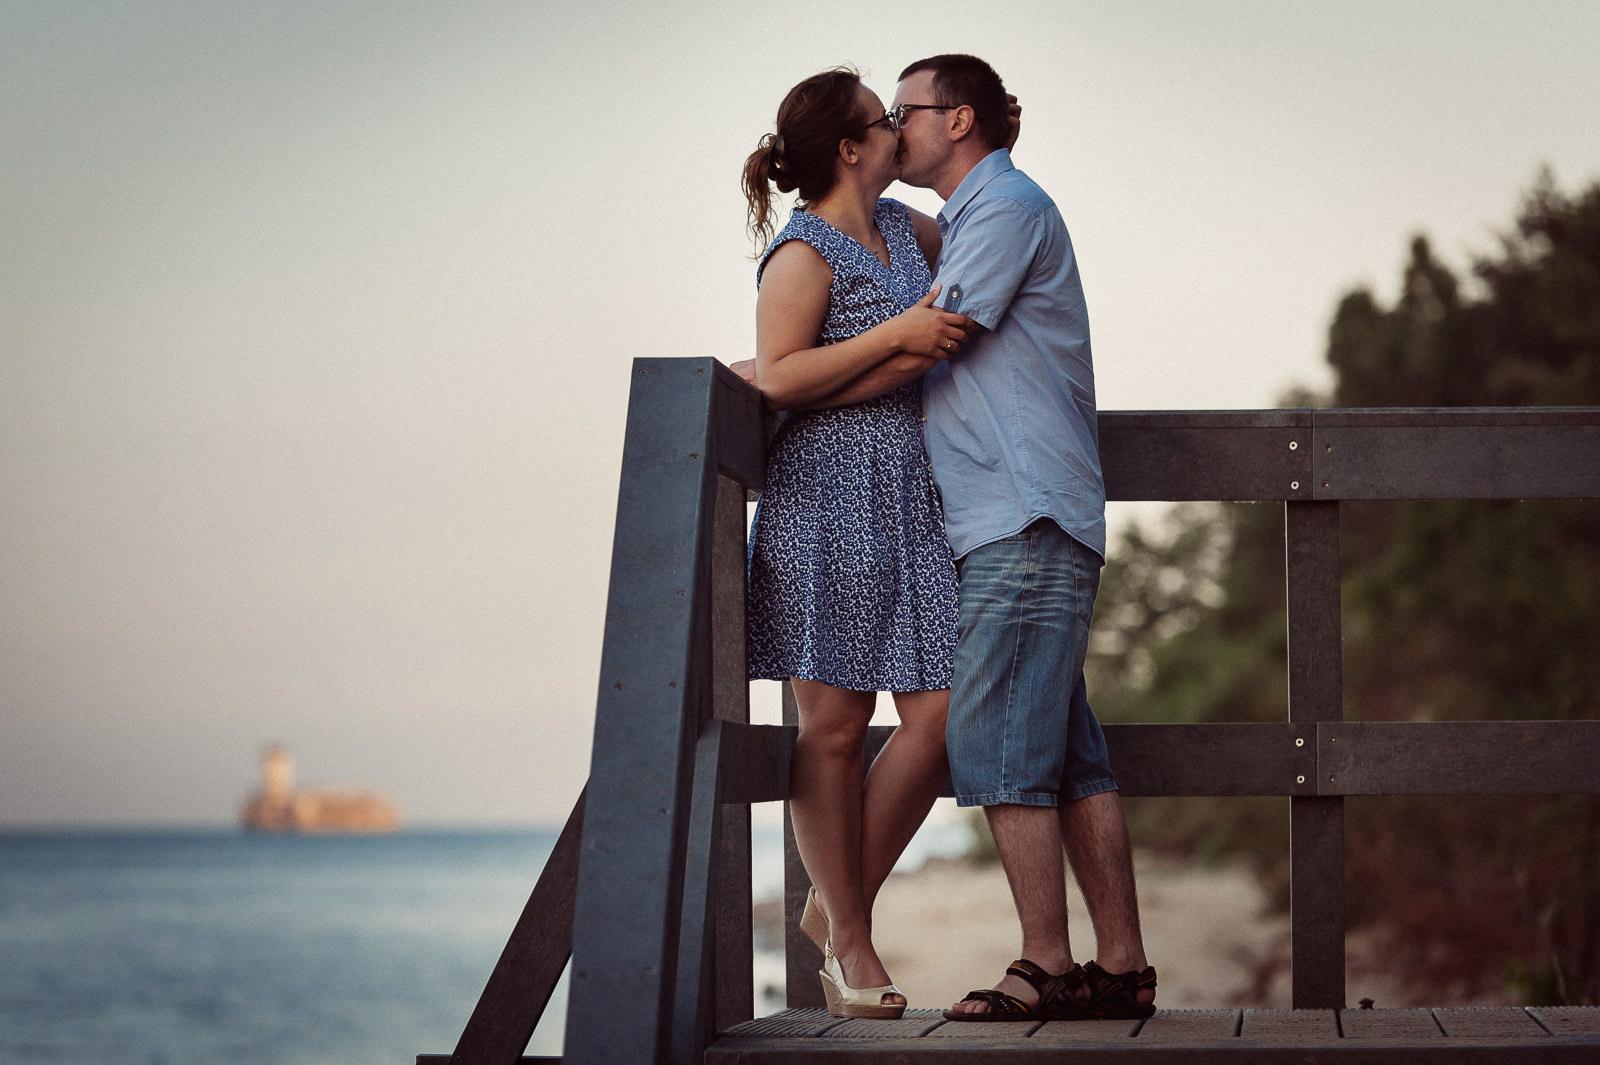 polskie morze jest bardzo wdzięcznym tłem do romantycznych sesji zdjęciowych